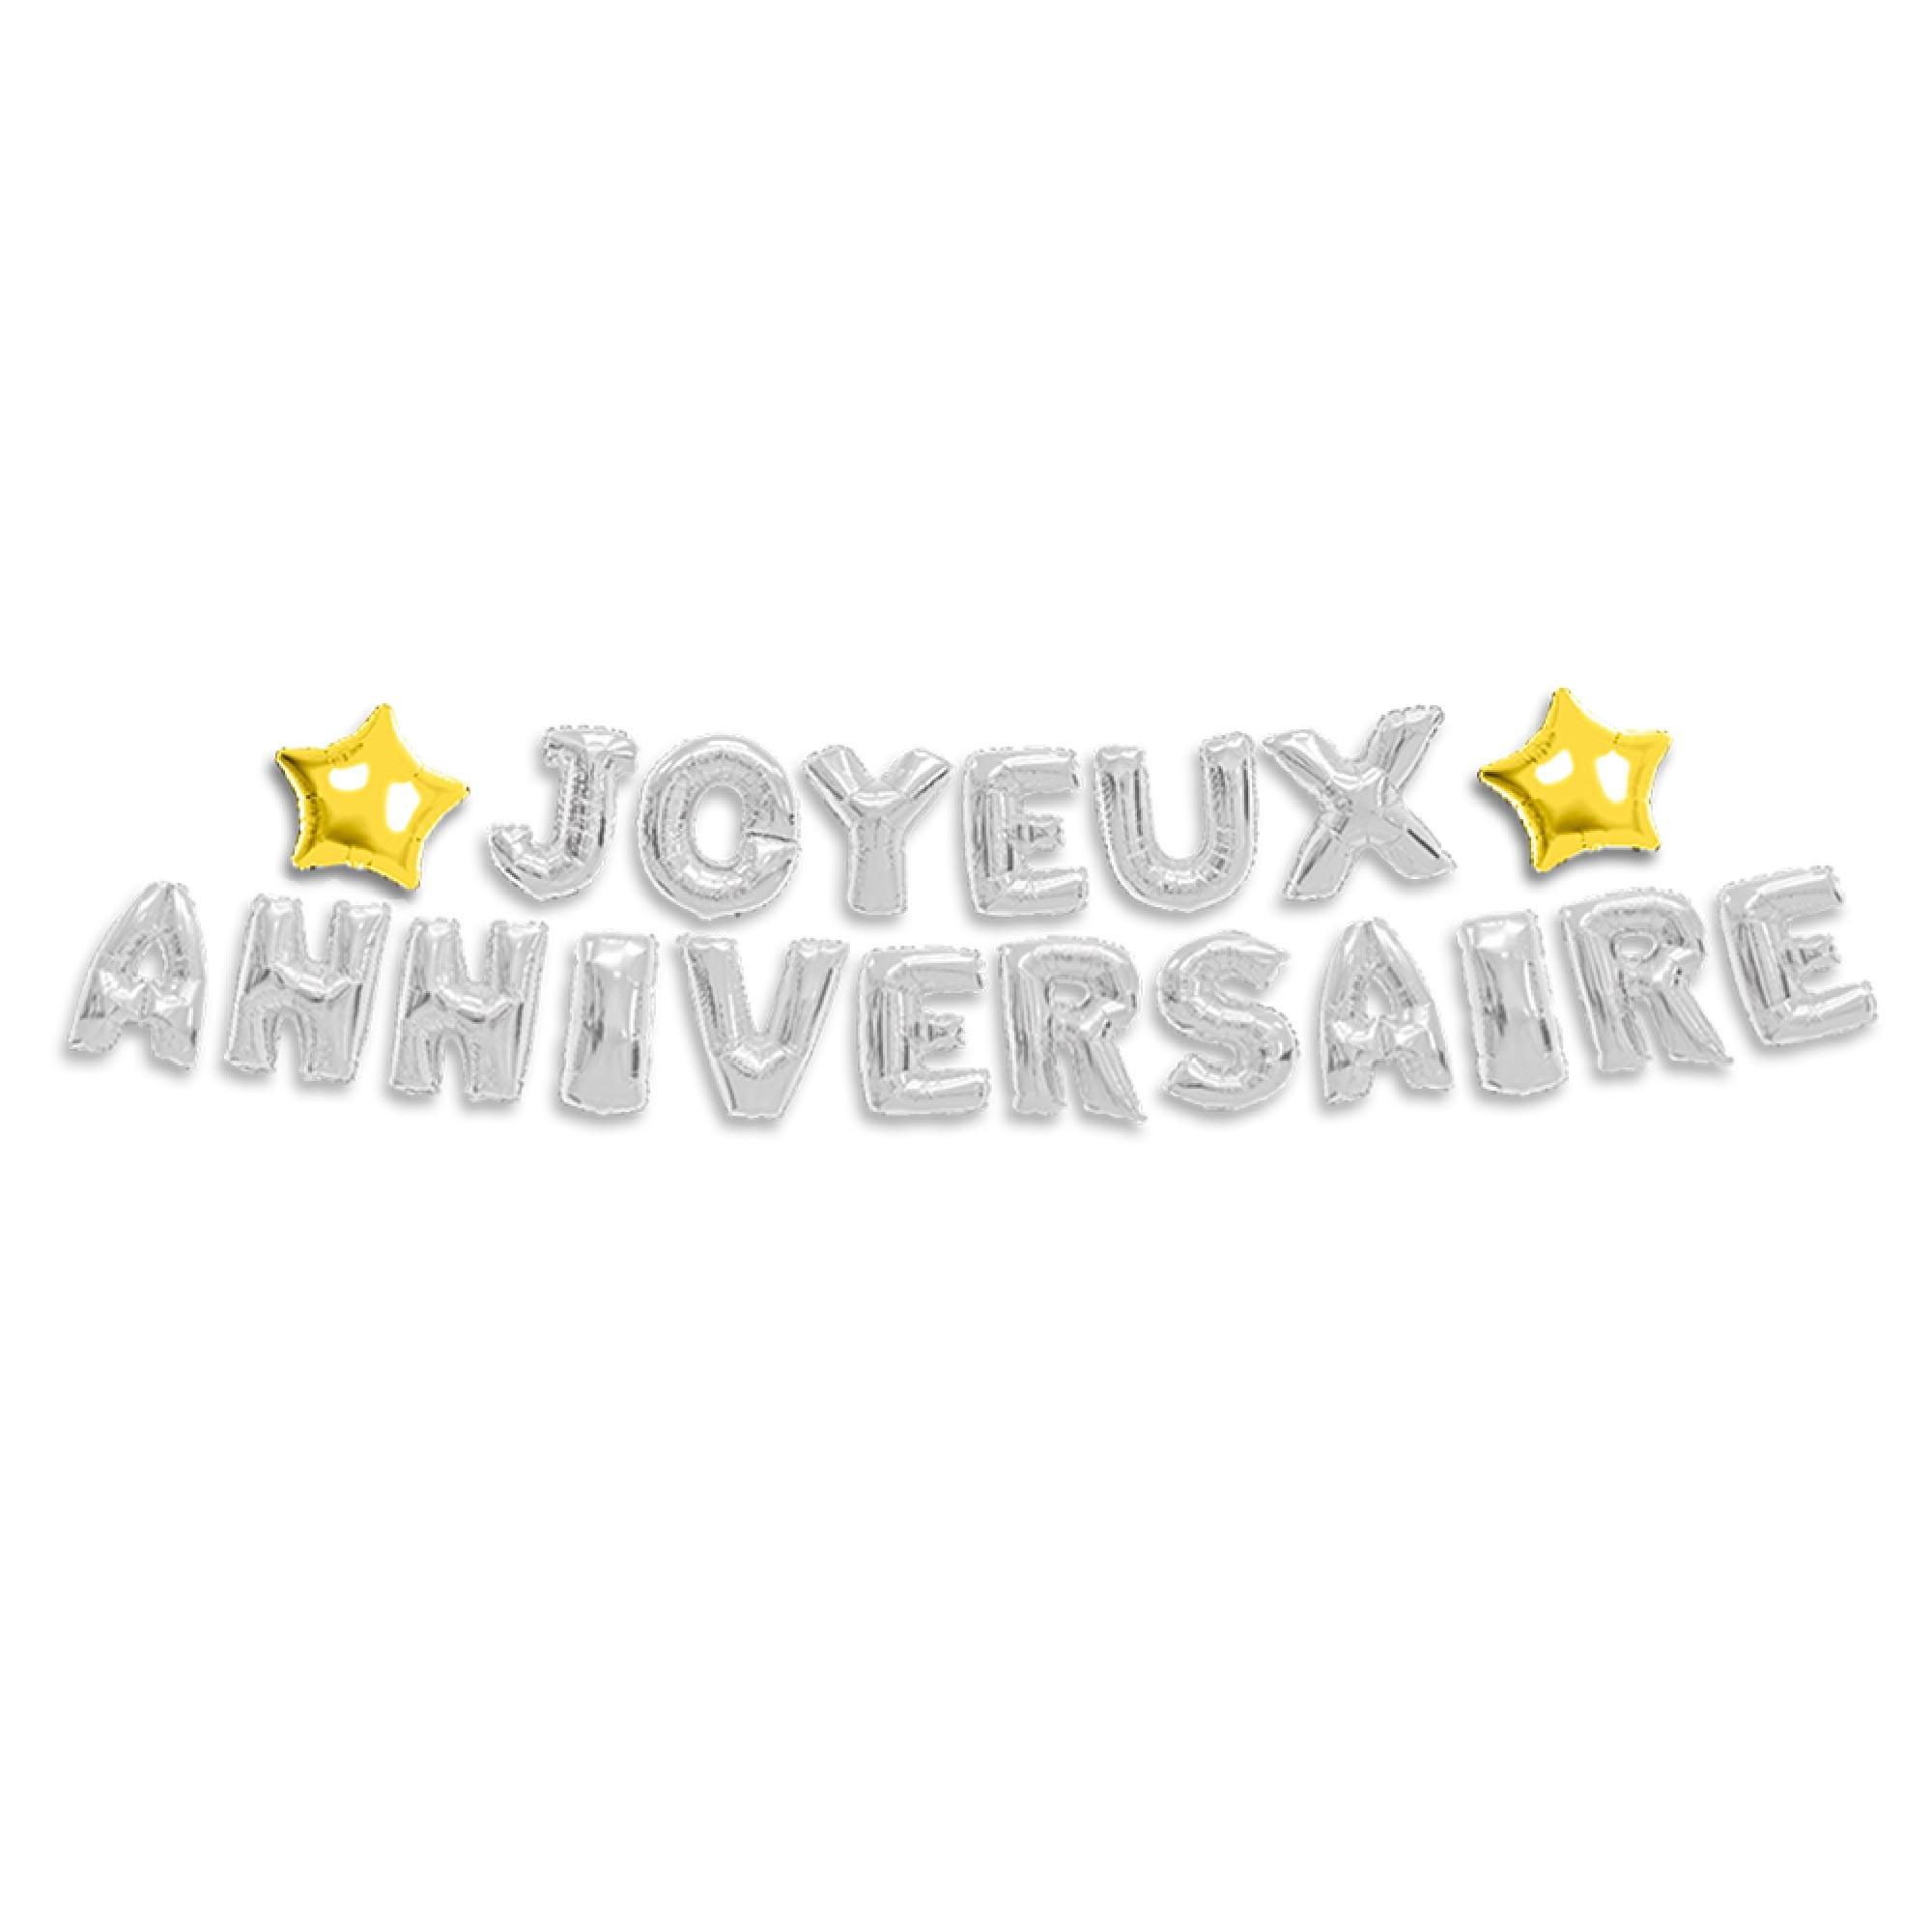 Guirlande de ballons métalliques \'Joyeux Anniversaire\' argenté - 6 m 40 cm - [P8768]